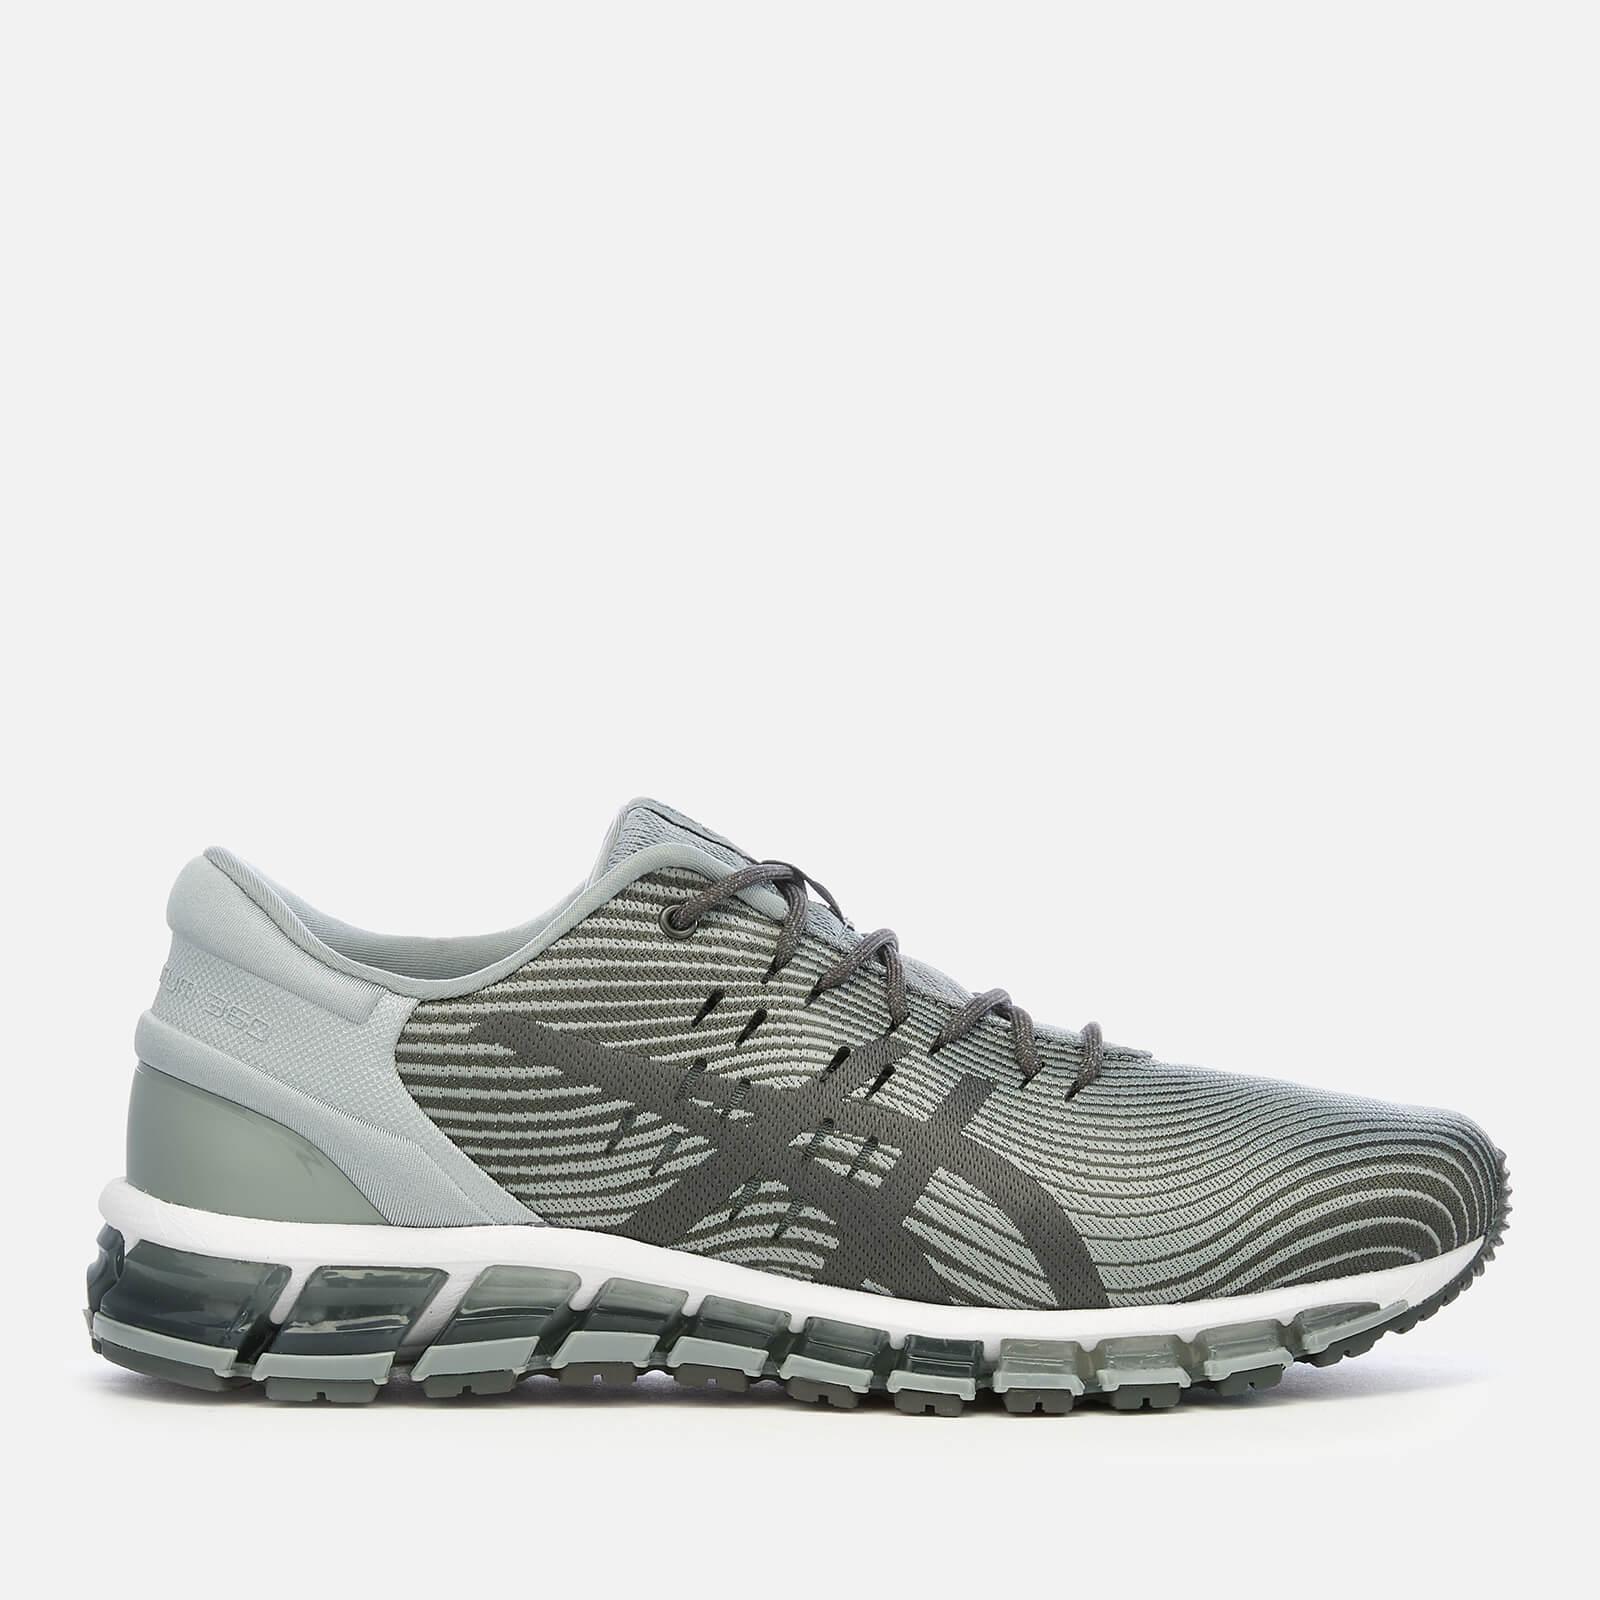 new concept 0df2b 5c3c5 Asics Men's Lifestyle Gel Quantum 360 4 Trainers - Stone Grey/Dark Grey